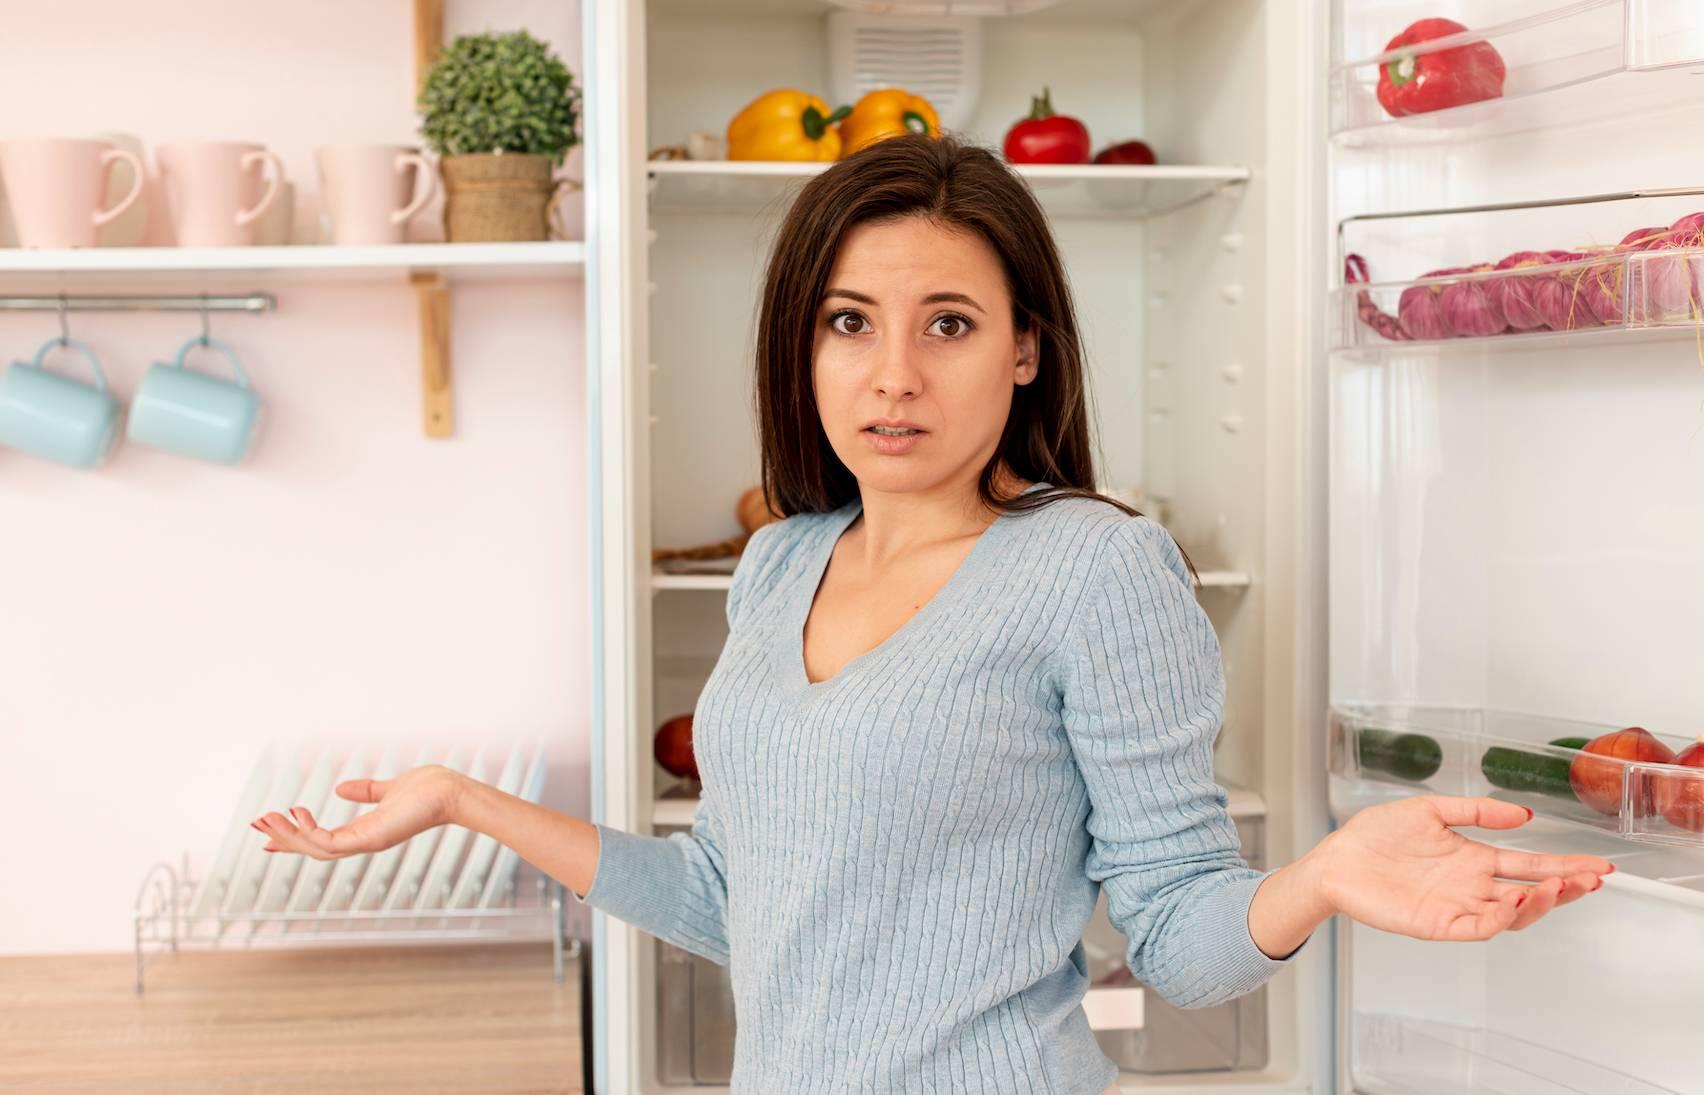 Alimentos no congelador